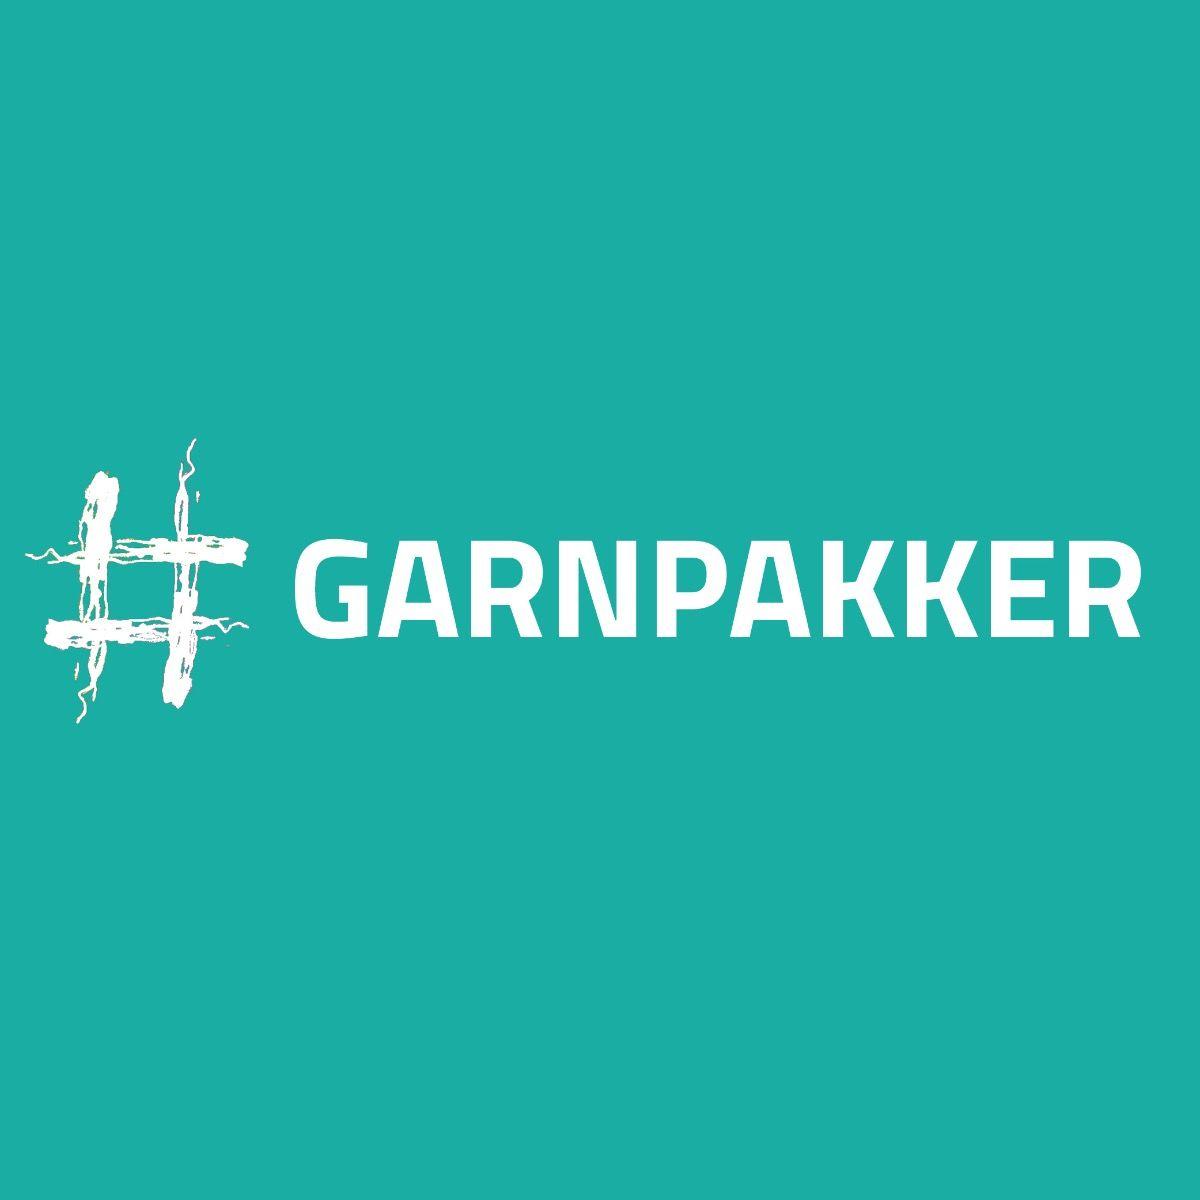 Garnpakker